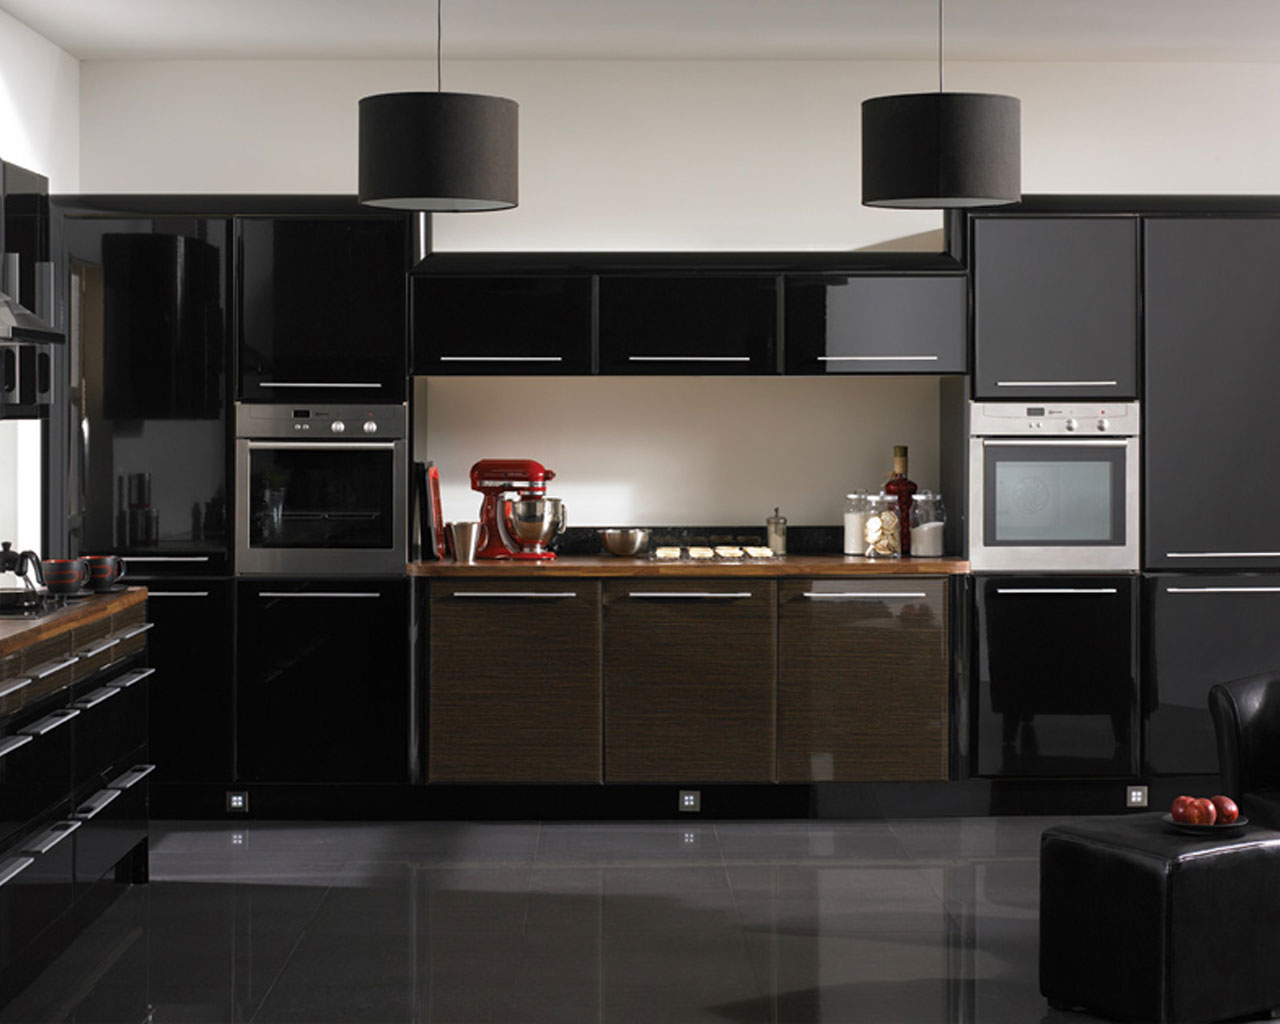 b33 Det oväntade snygga utseendet på svarta köksdesigner